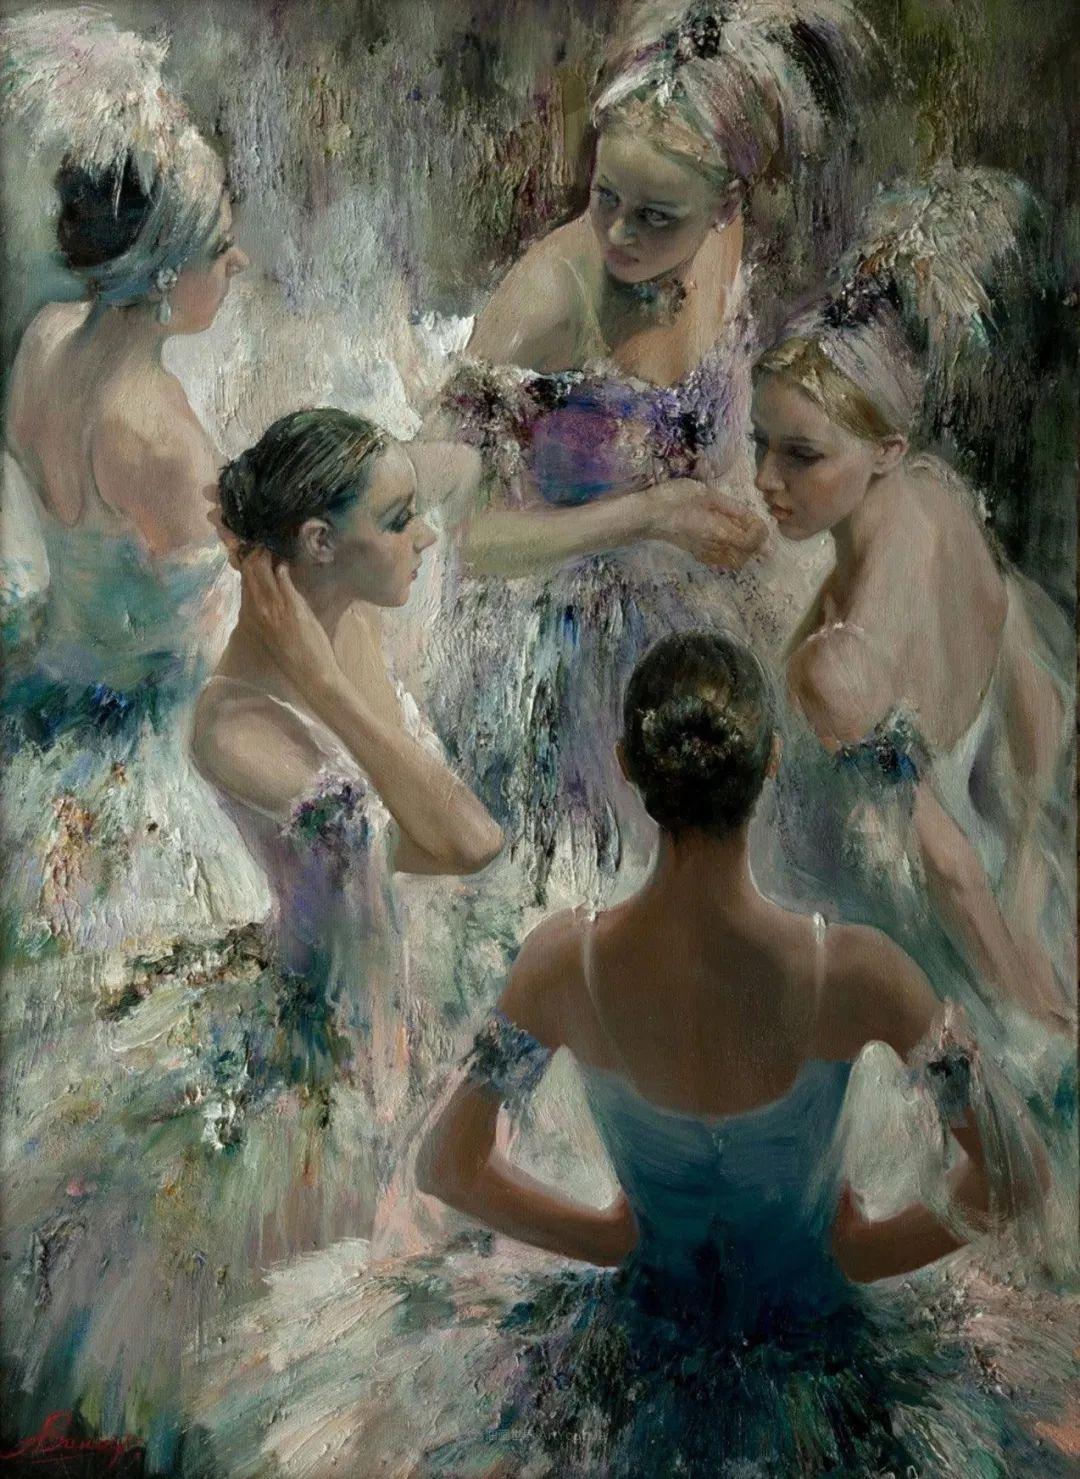 芭蕾舞蹈,俄罗斯女画家安娜·维诺加拉多娃插图23